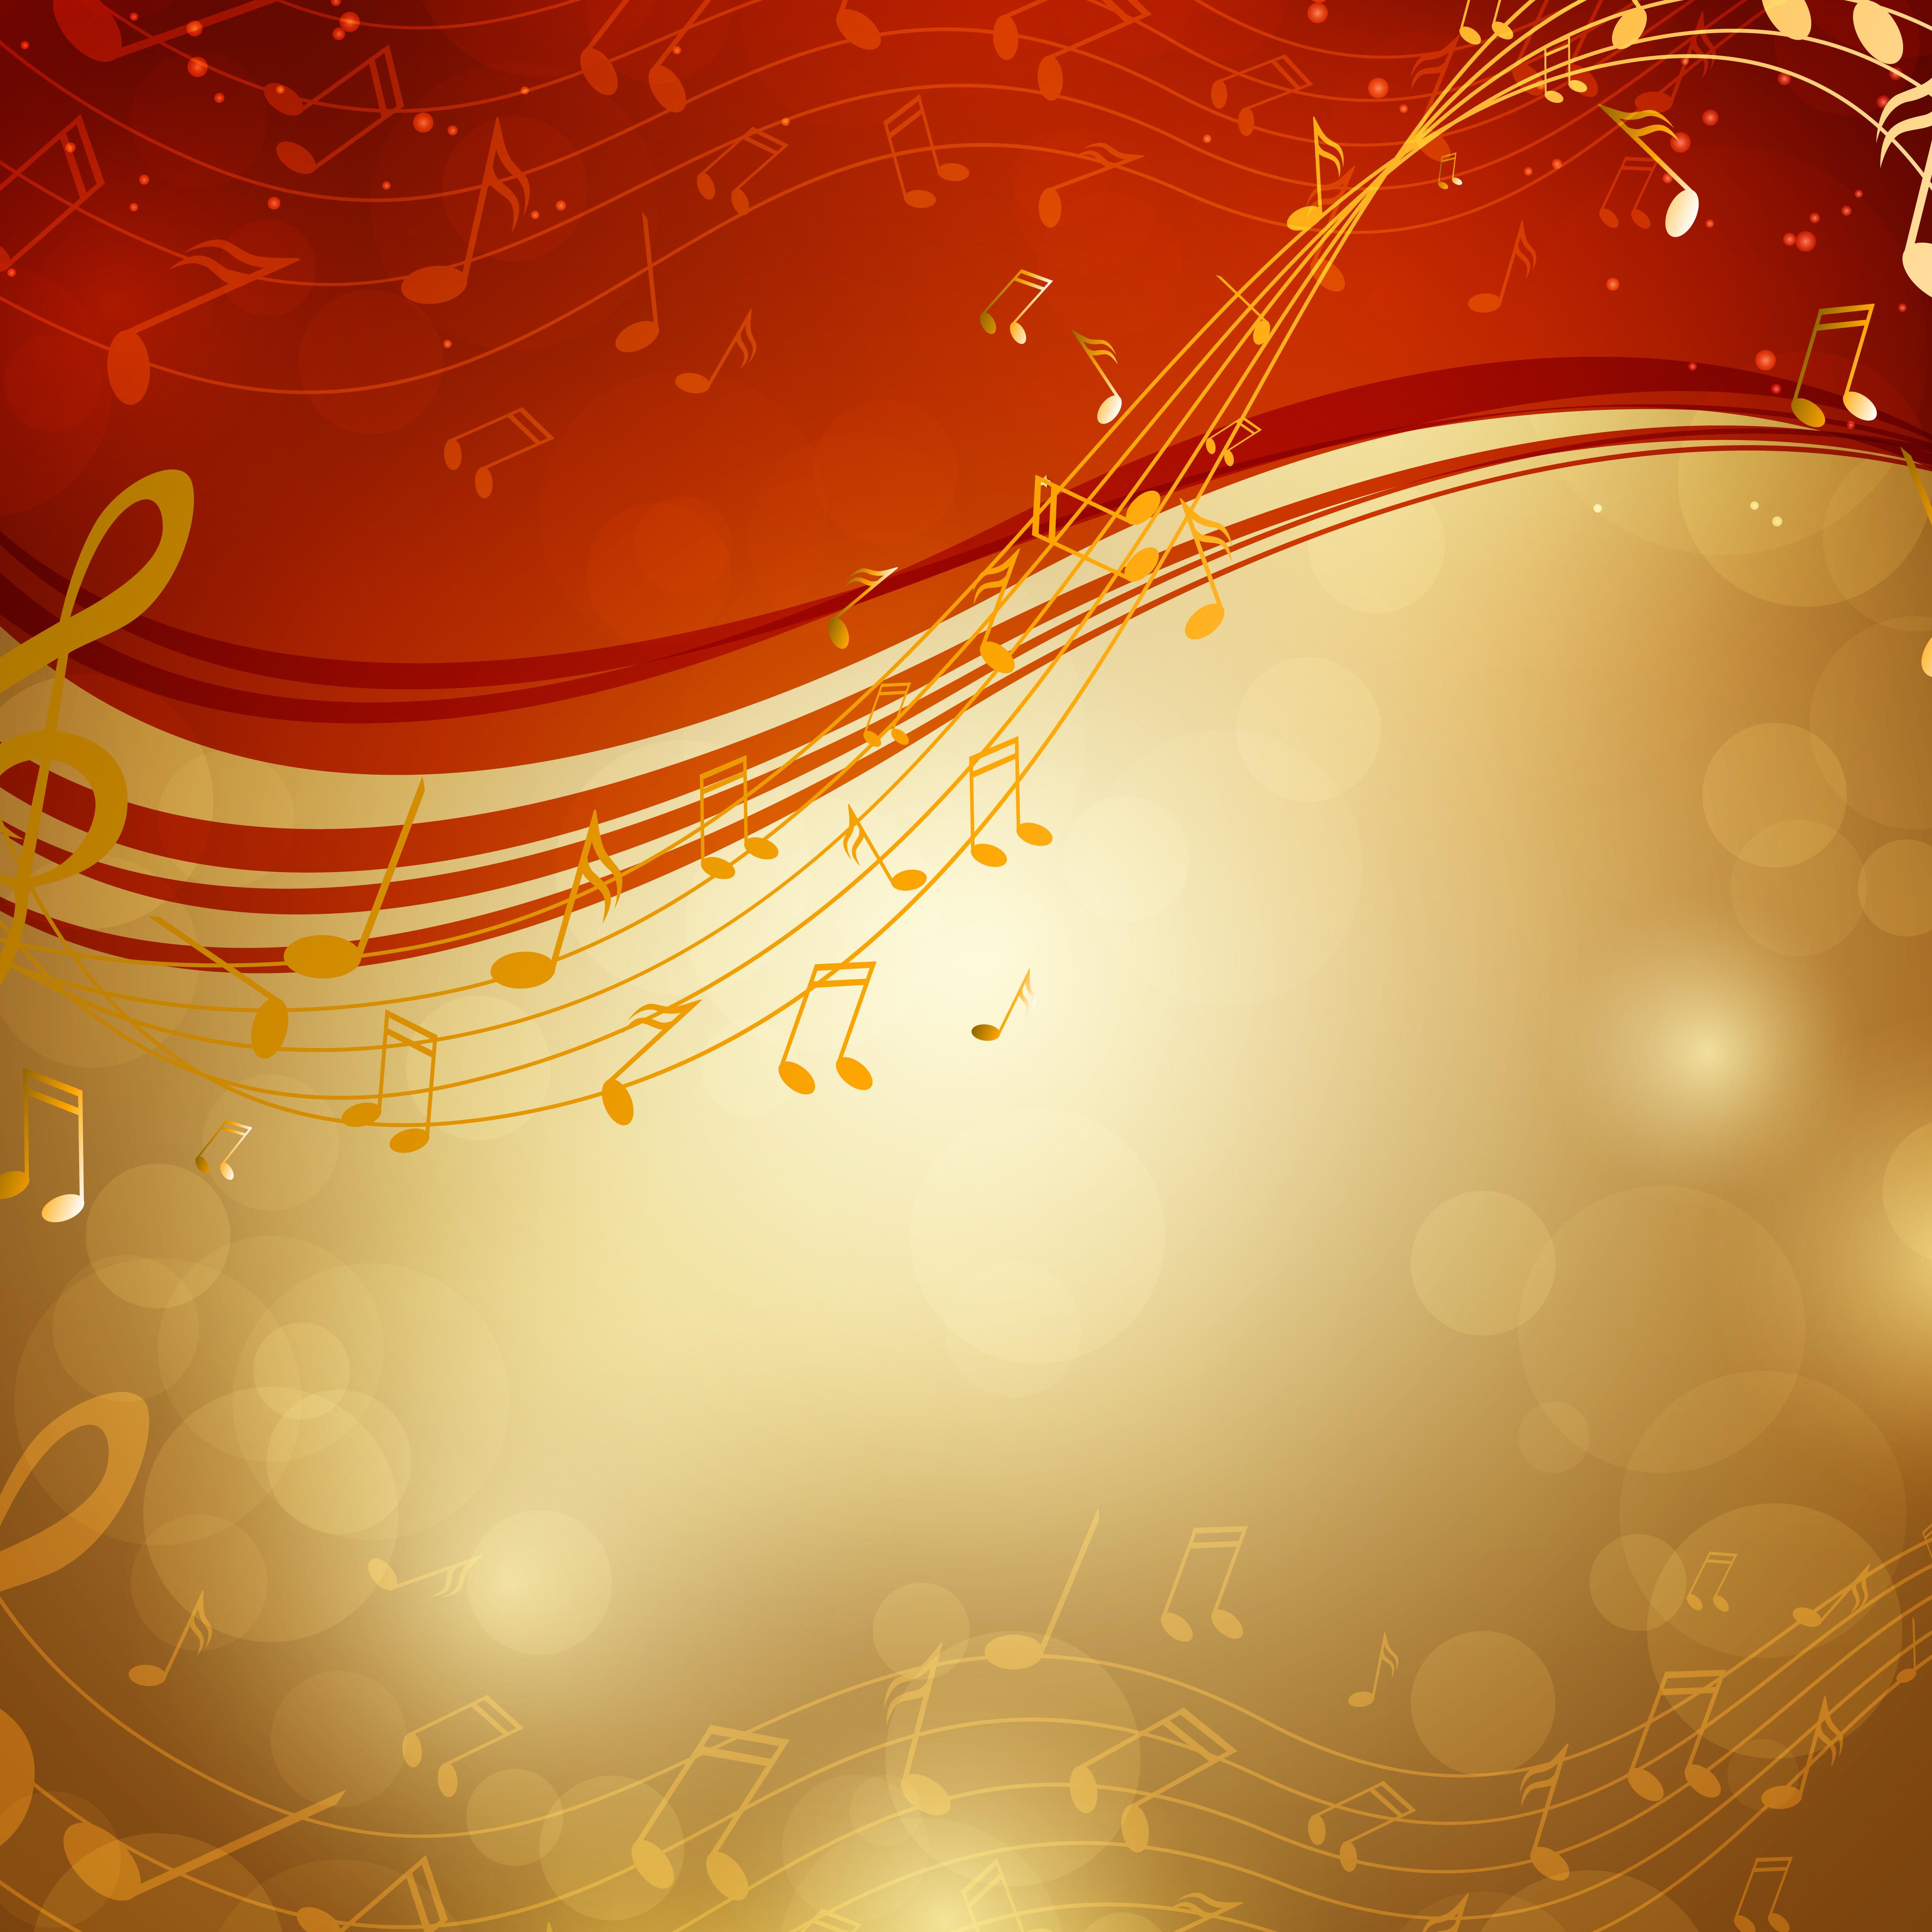 Музыка Для Поздравления скачать музыку бесплатно и слушать 60